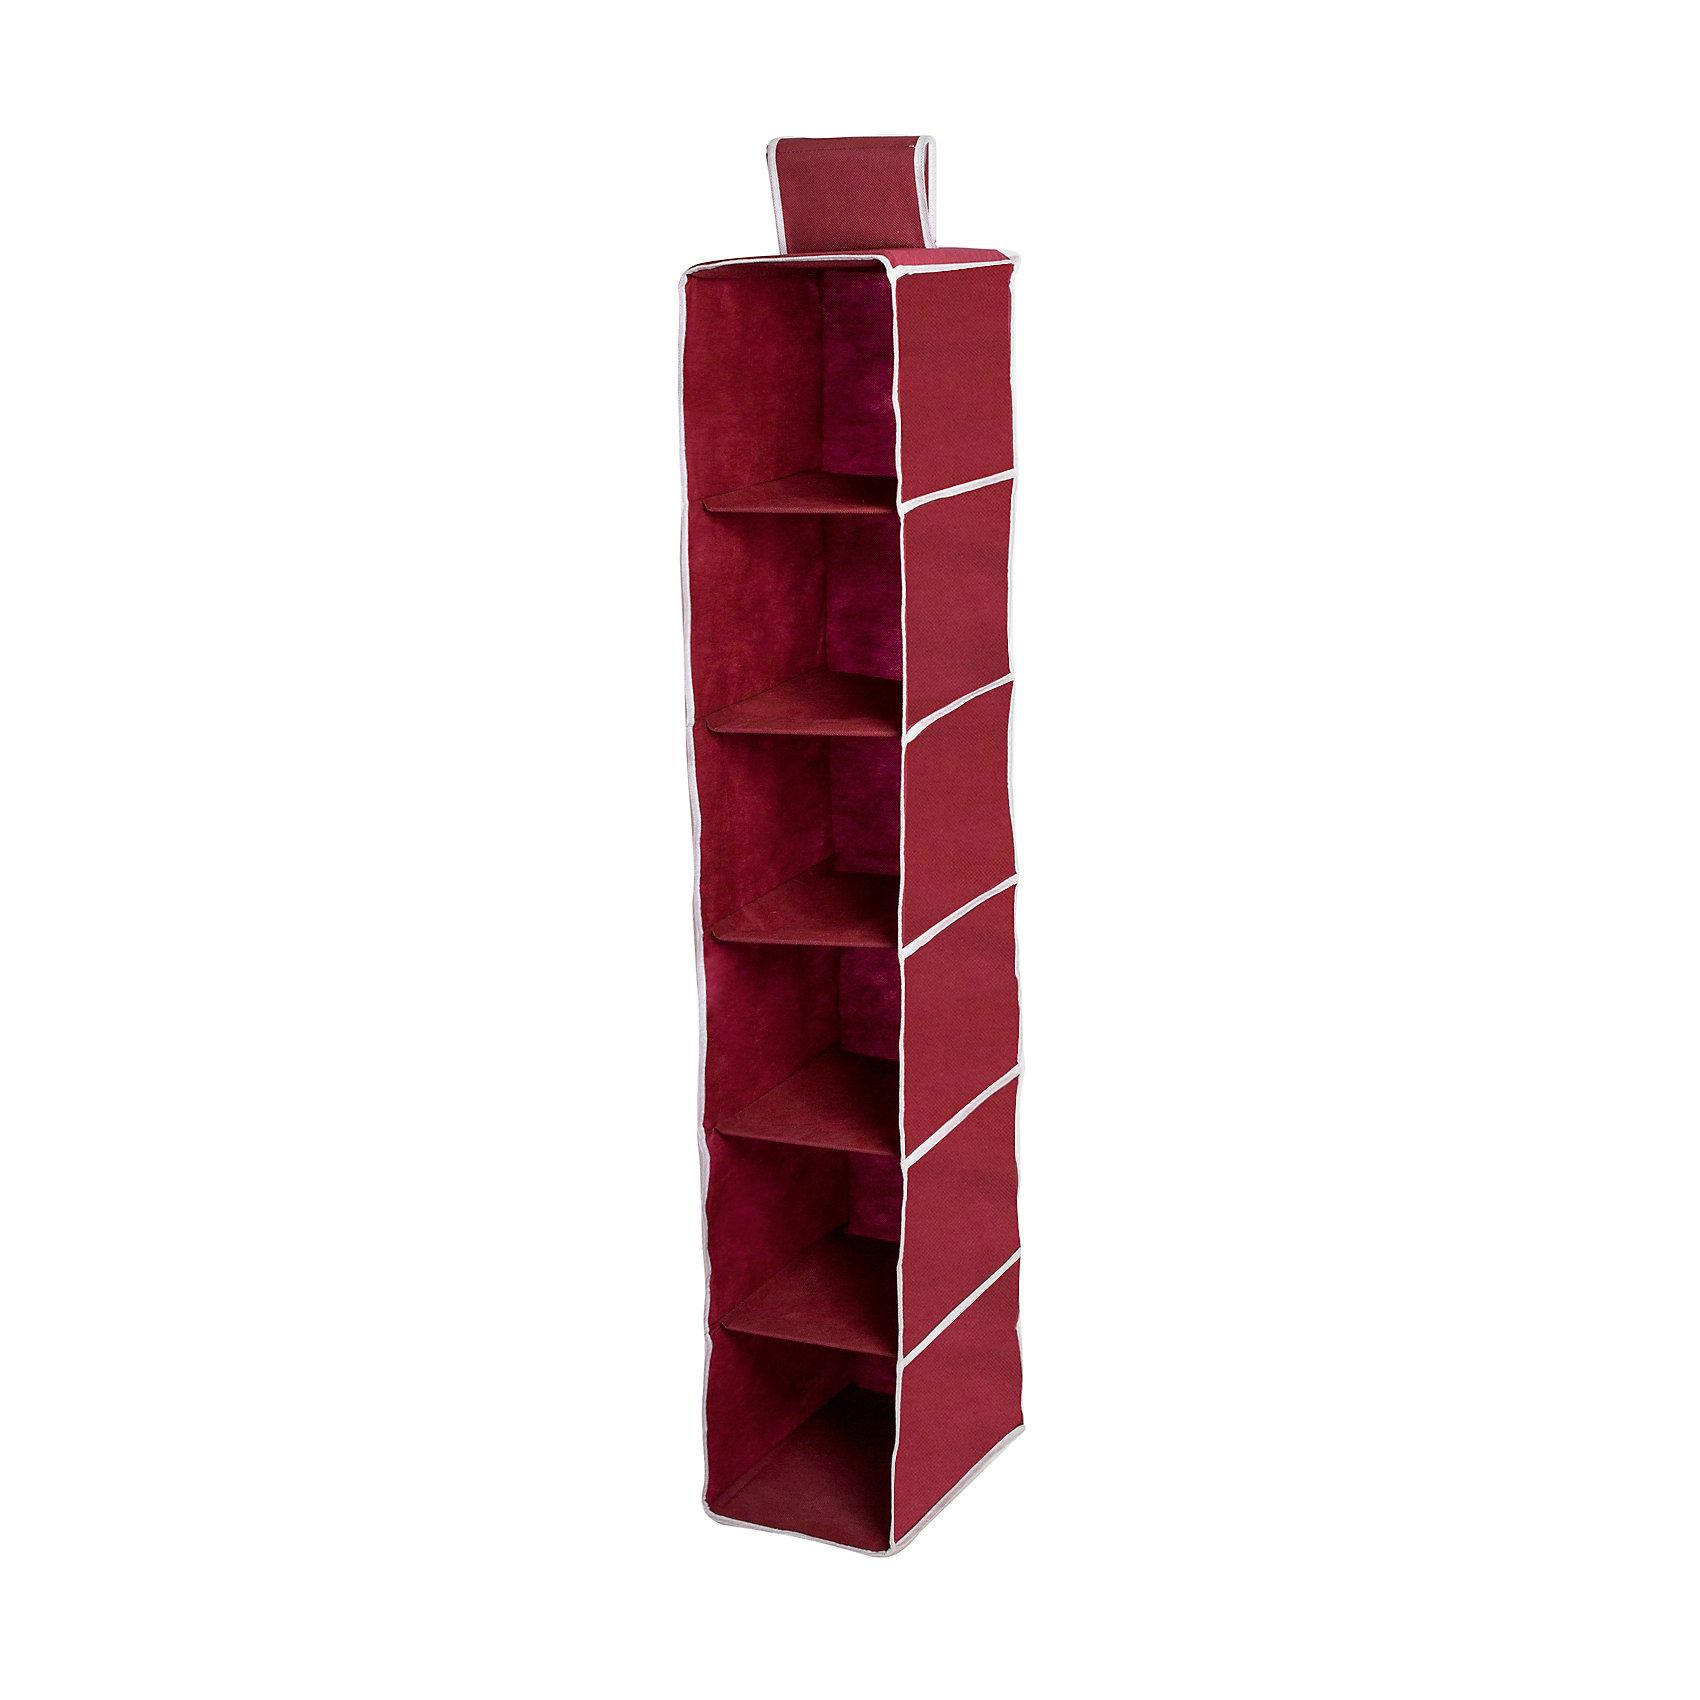 Органайзер подвесной в шкаф Red Rose, HomsuПорядок в детской<br>Характеристики товара:<br><br>• цвет: бордовый<br>• материал: полиэстер, картон<br>• размер: 30х20х120 см<br>• вес: 500 г<br>• легкий прочный каркас<br>• обеспечивает естественную вентиляцию<br>• вместимость: 6 отделений<br>• страна бренда: Россия<br>• страна изготовитель: Китай<br><br>Органайзер подвесной в шкаф Red Rose от бренда Homsu (Хомсу) - очень удобная вещь для хранения вещей и эргономичной организации пространства.<br><br>Предмет легкий, вместительный, обеспечивает естественную вентиляцию.<br><br>Органайзер подвесной в шкаф Red Rose, Homsu можно купить в нашем интернет-магазине.<br><br>Ширина мм: 300<br>Глубина мм: 250<br>Высота мм: 20<br>Вес г: 500<br>Возраст от месяцев: 216<br>Возраст до месяцев: 1188<br>Пол: Унисекс<br>Возраст: Детский<br>SKU: 5620239